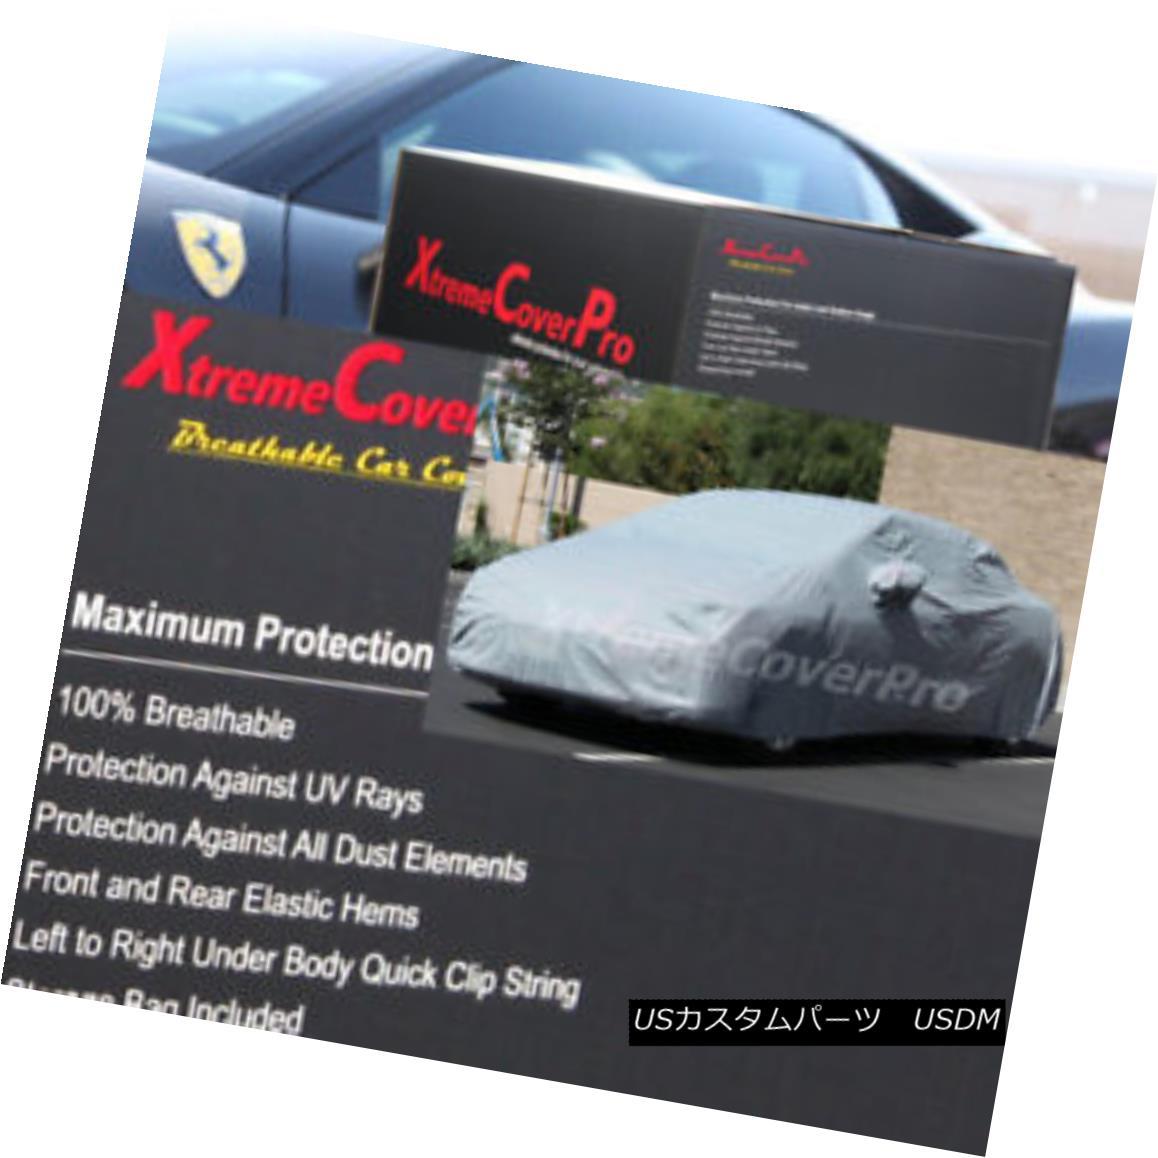 カーカバー 2014 Ford Fiesta Hatchback Breathable Car Cover w/ Mirror Pocket 2014年フォードフィエスタハッチバック通気性の車カバー(ミラーポケット付)